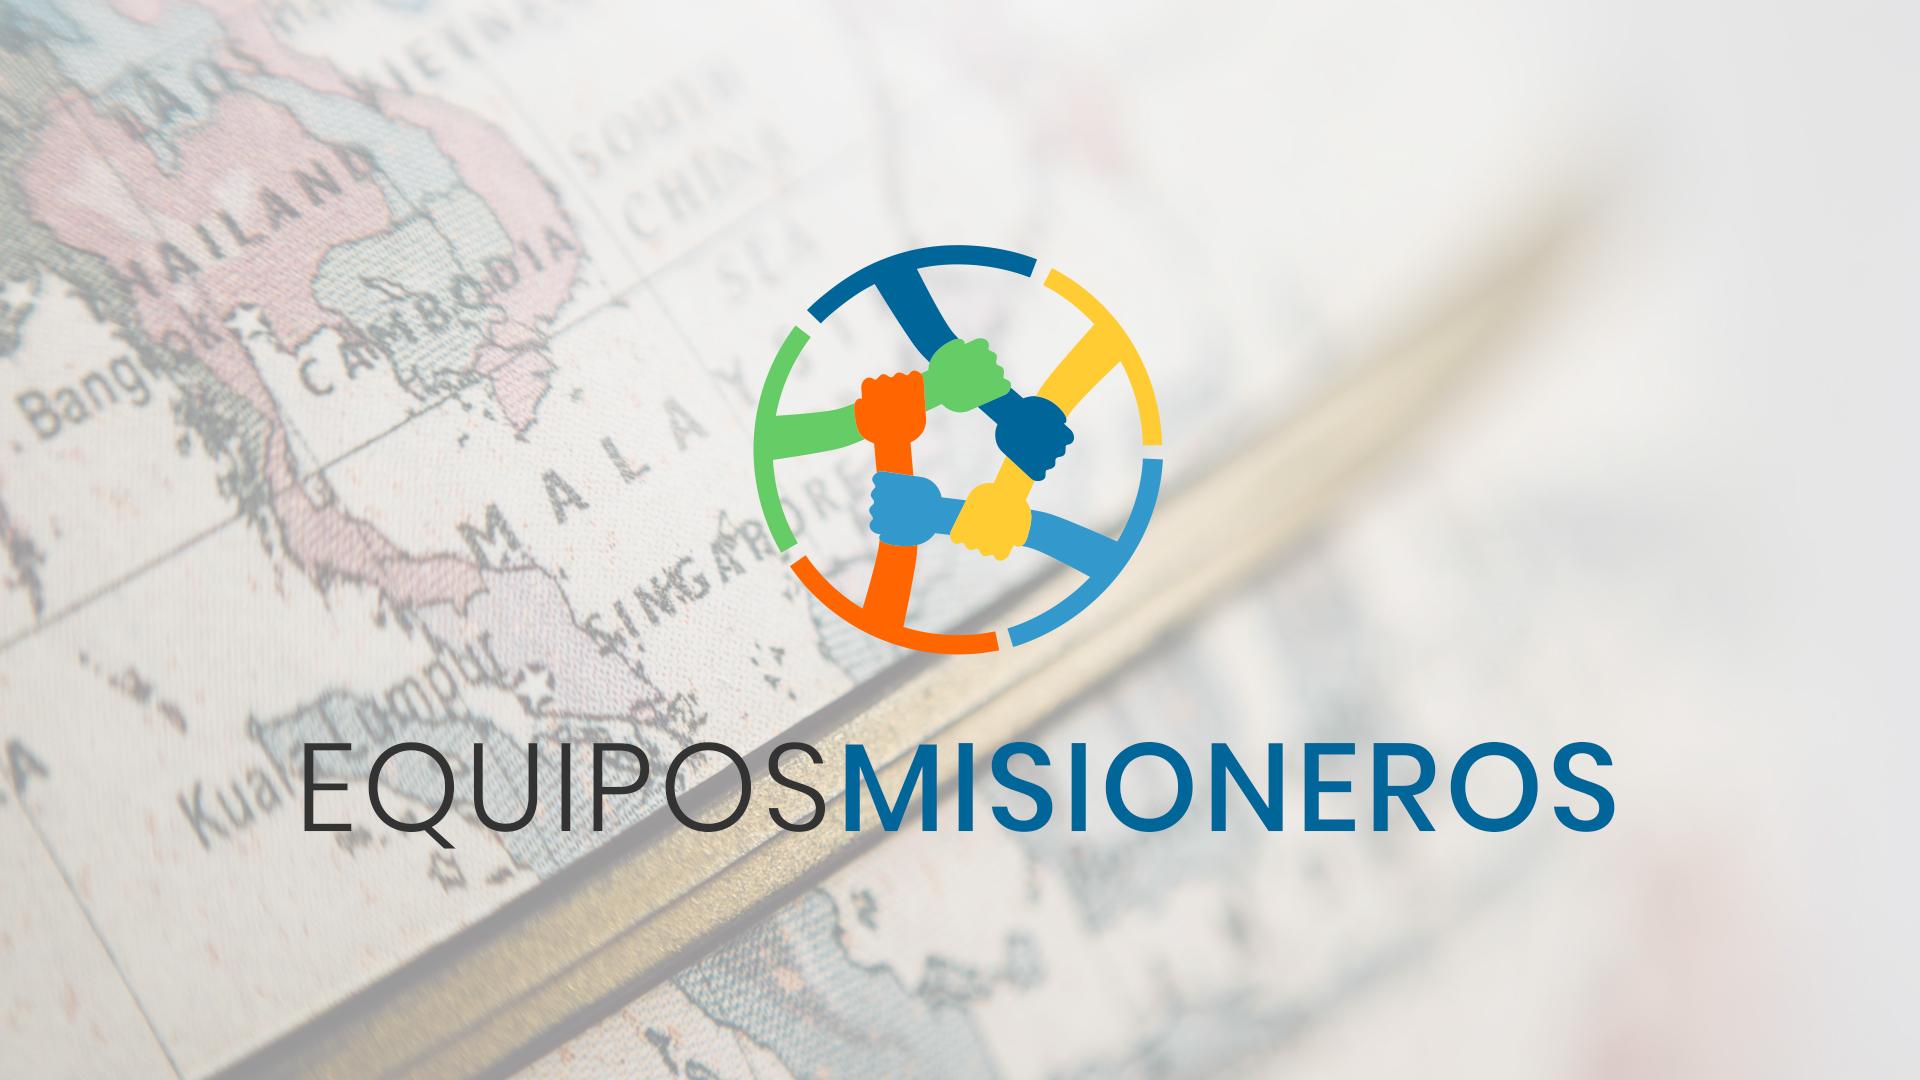 Equipos Misioneros